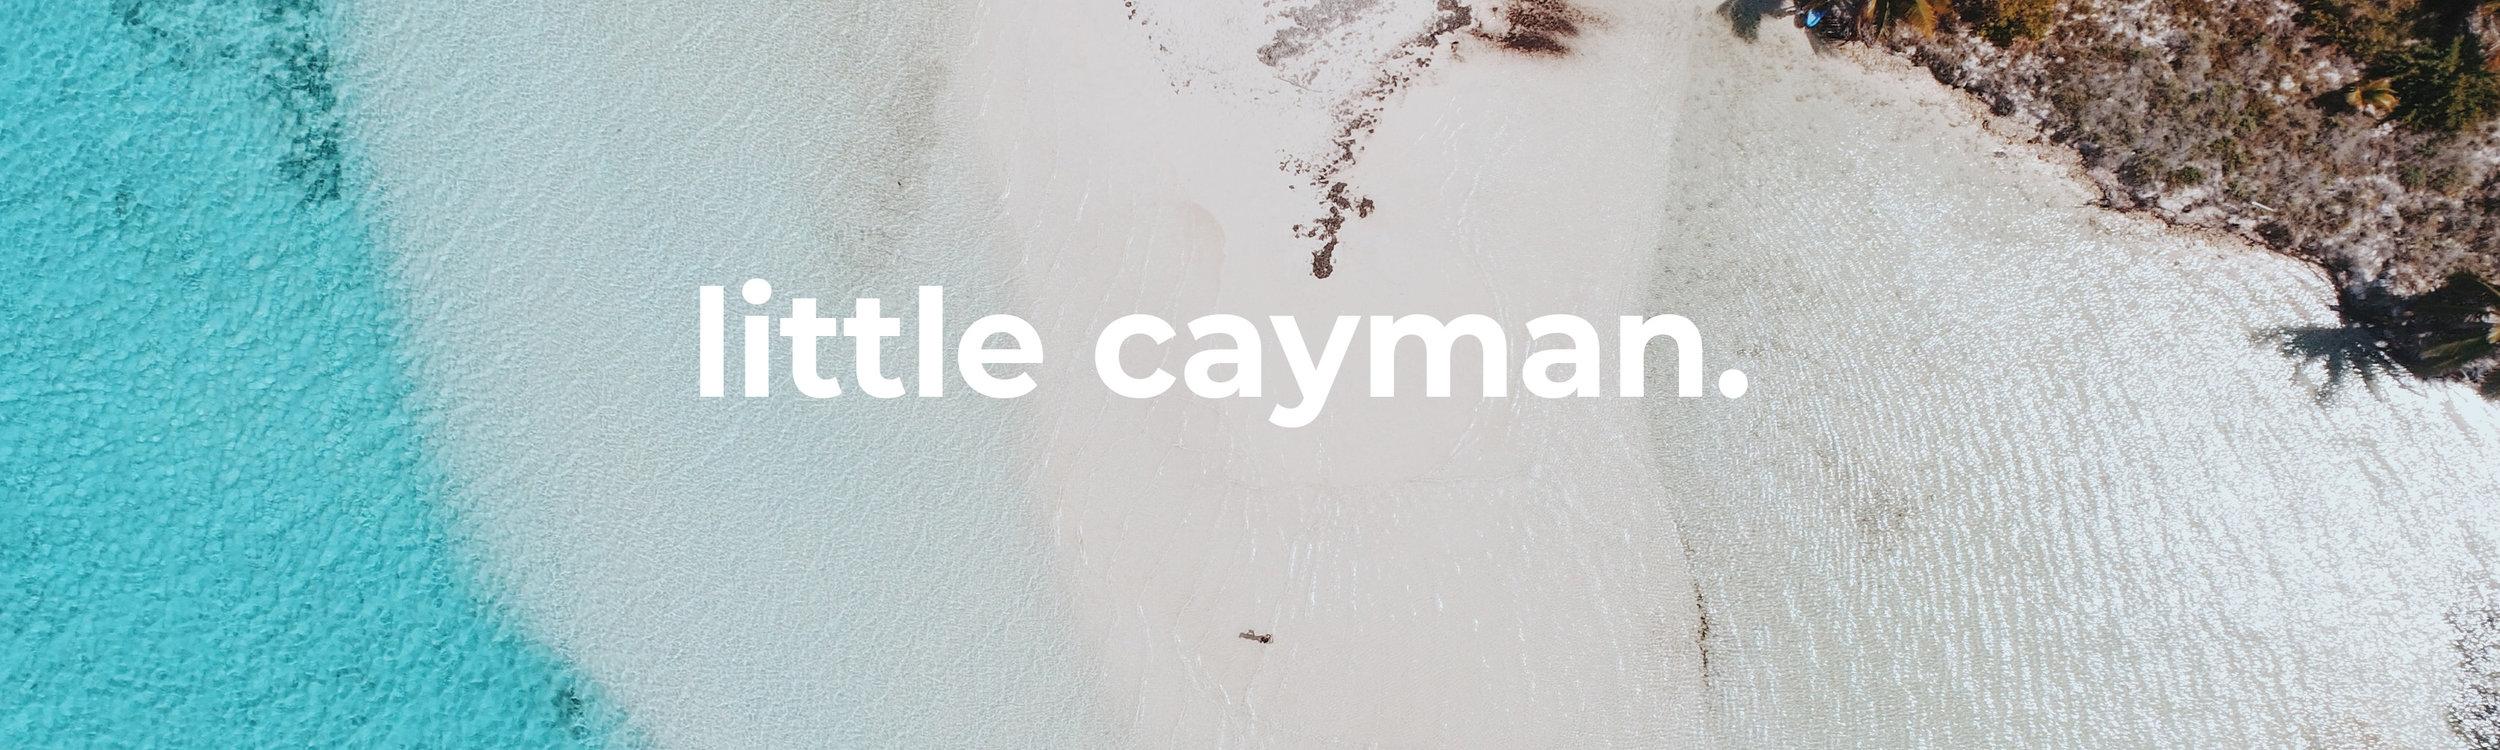 little cayman.jpg